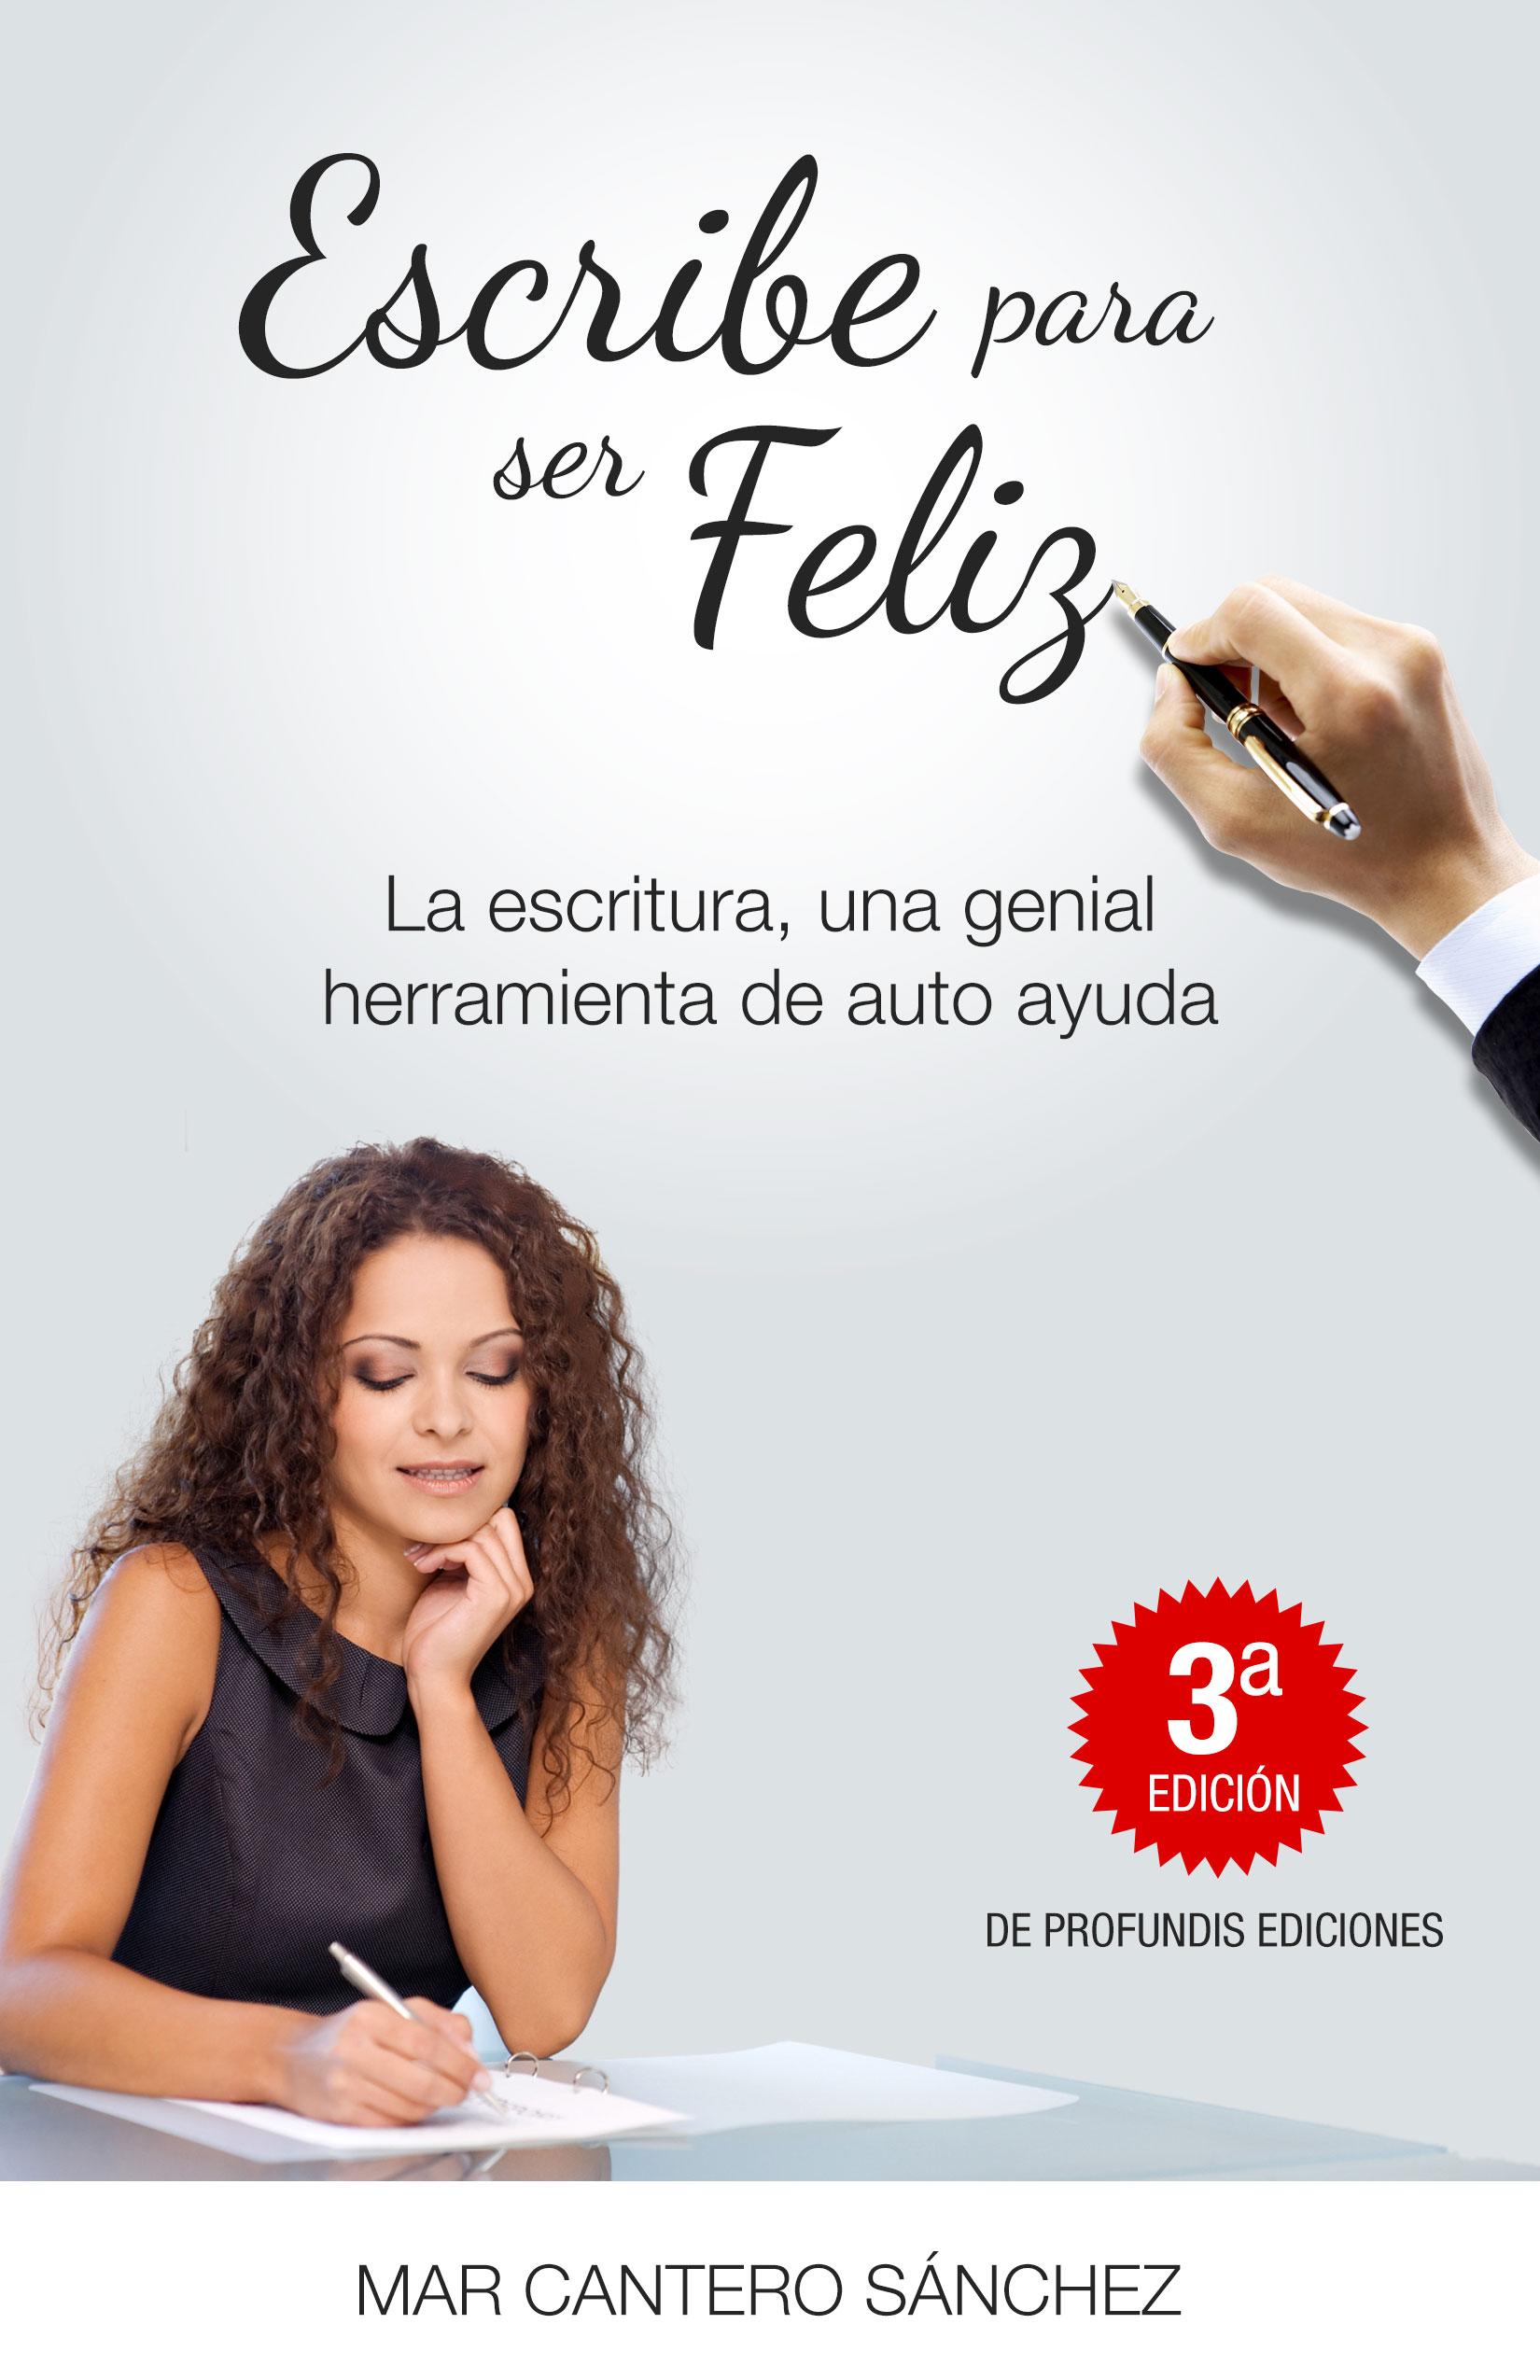 Escribe para ser feliz, 3º edición, portada, Mar Cantero Sánchez, www.marcanterosanchez.com